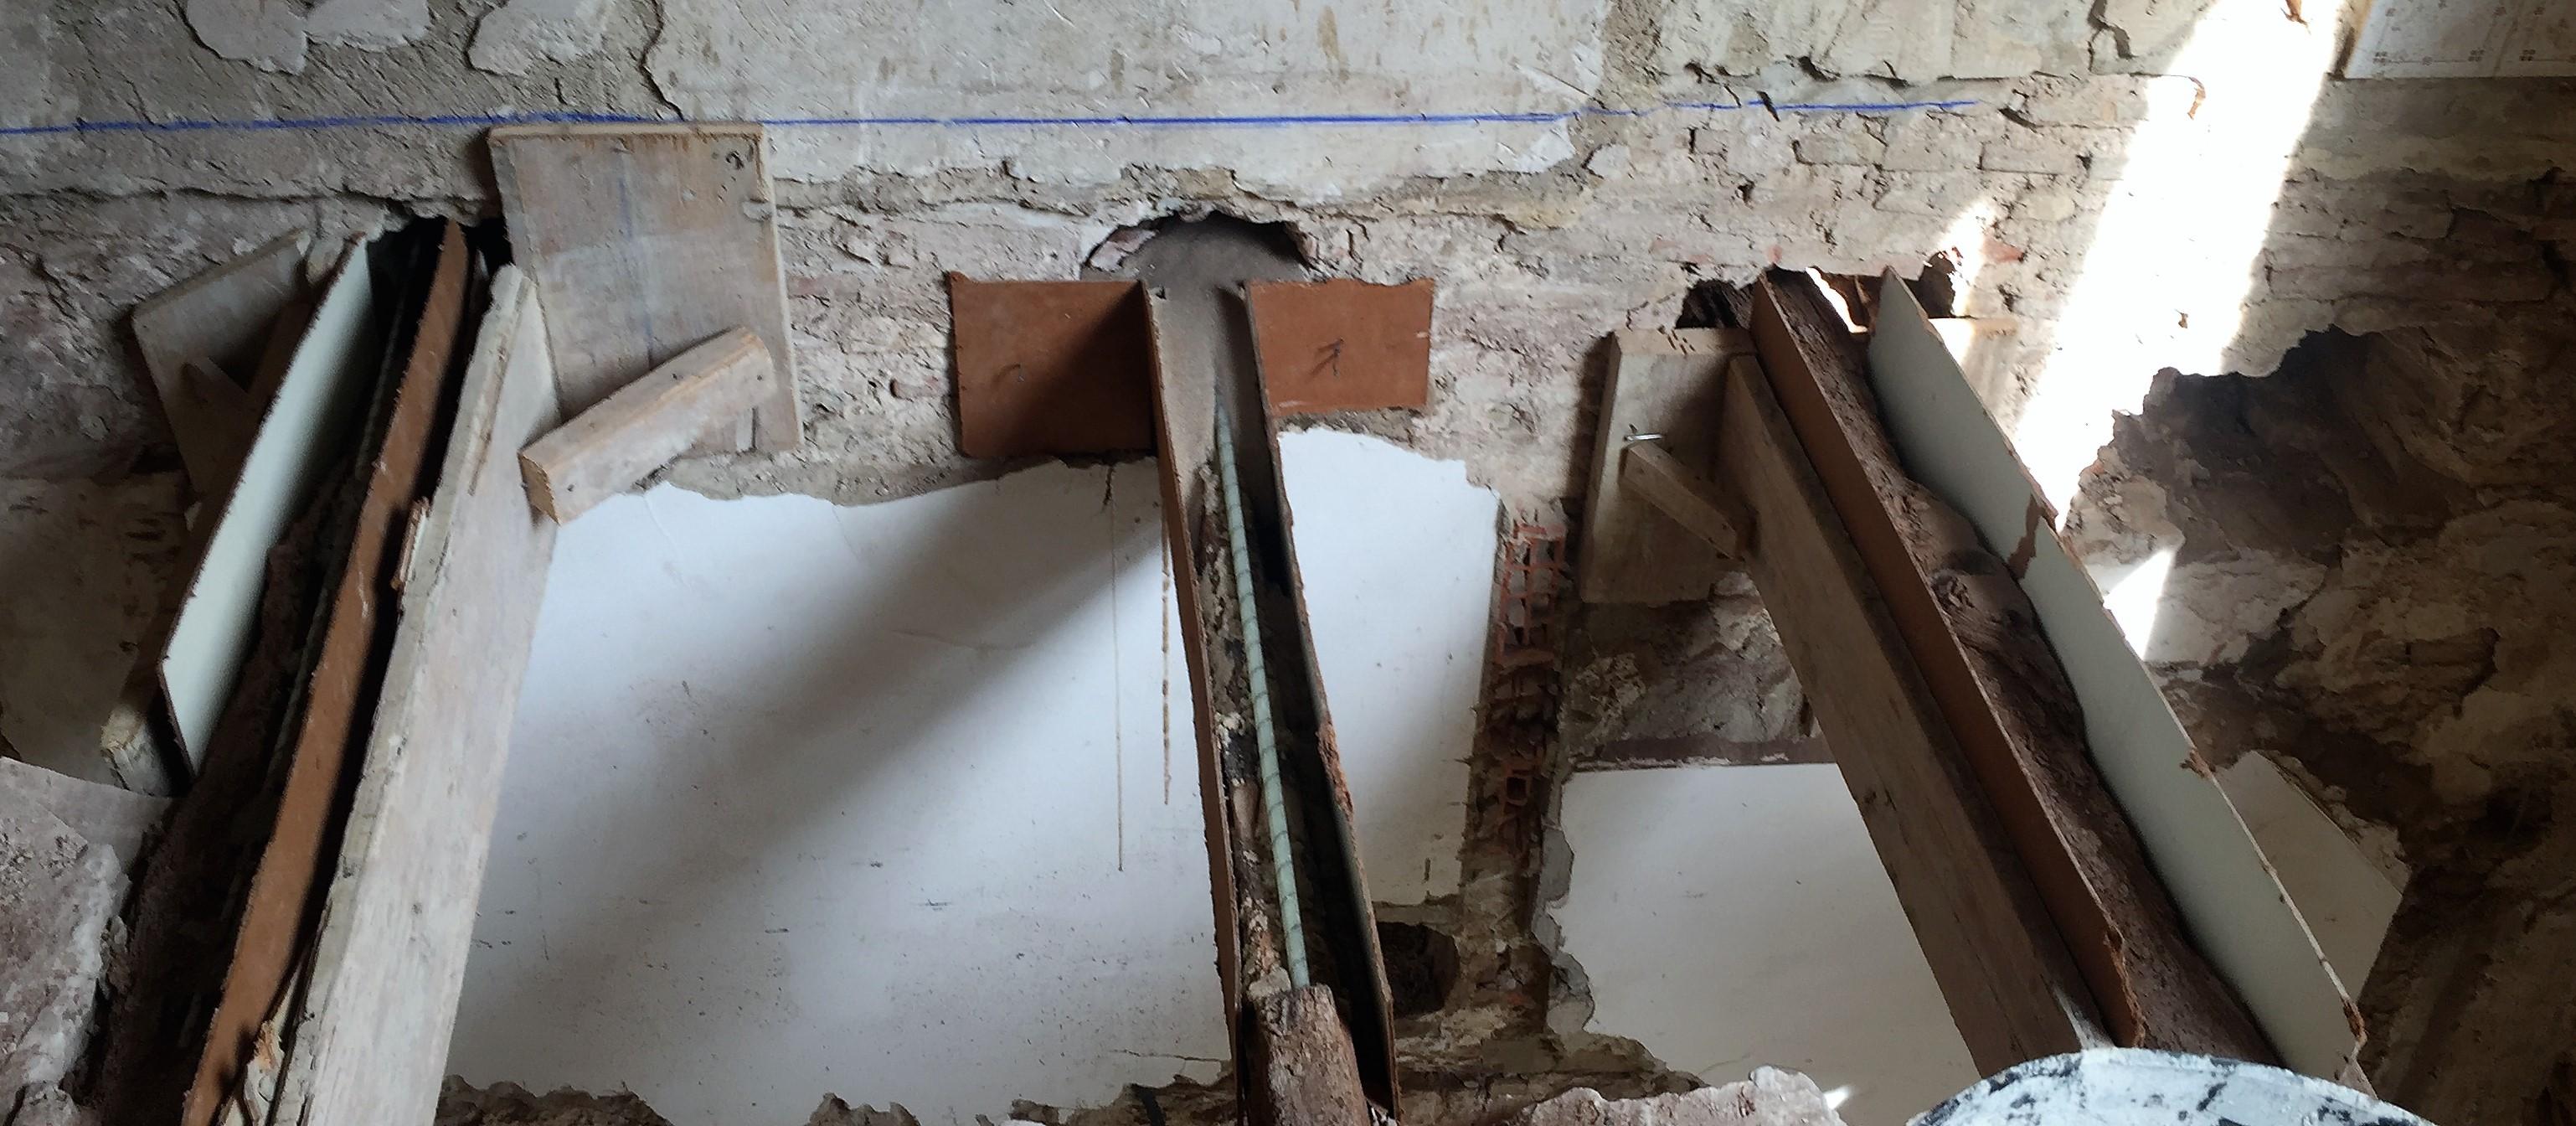 Reparaci n y regeneraci n de vigas de madera ars systems - Vigas de maderas ...